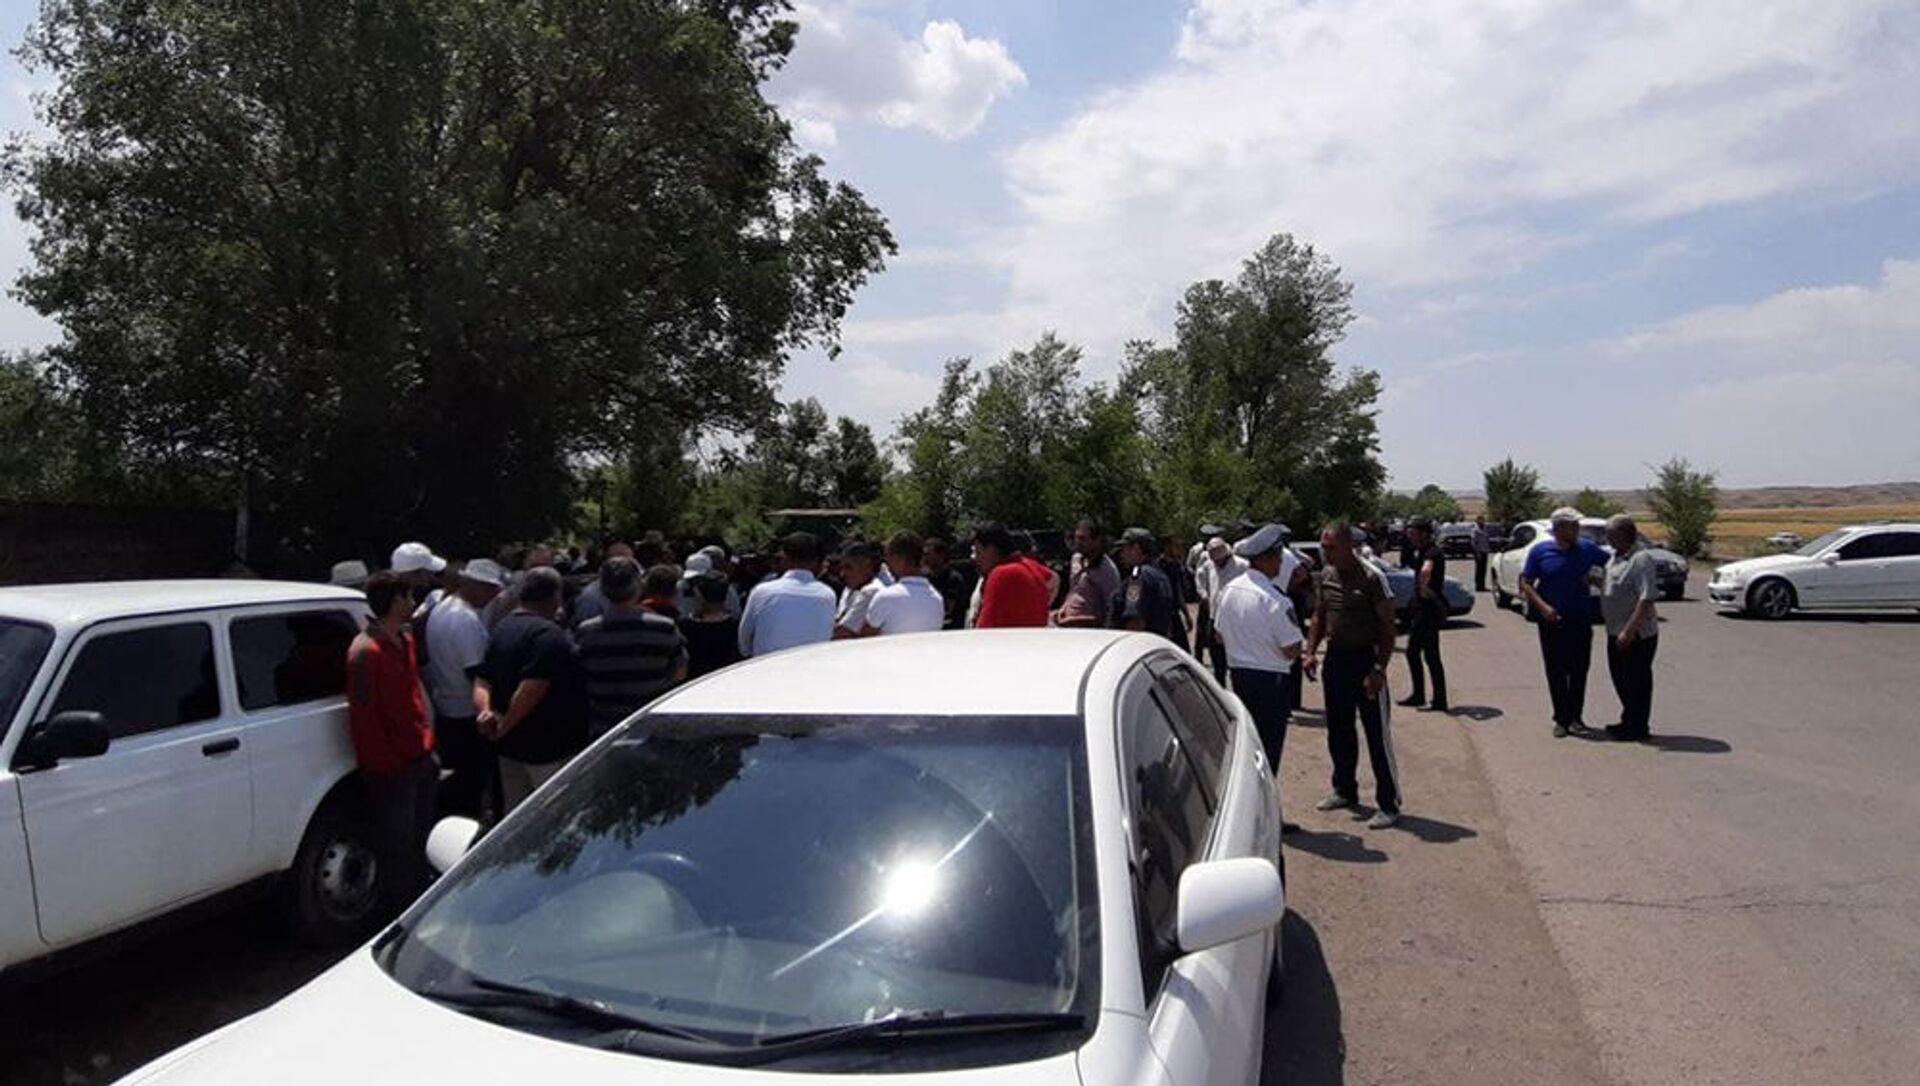 Жители нескольких сел Ширакской области заблокировали участок села Бенджамин дороги Ереван-Гюмри (29 июня 2021).  - Sputnik Արմենիա, 1920, 29.06.2021